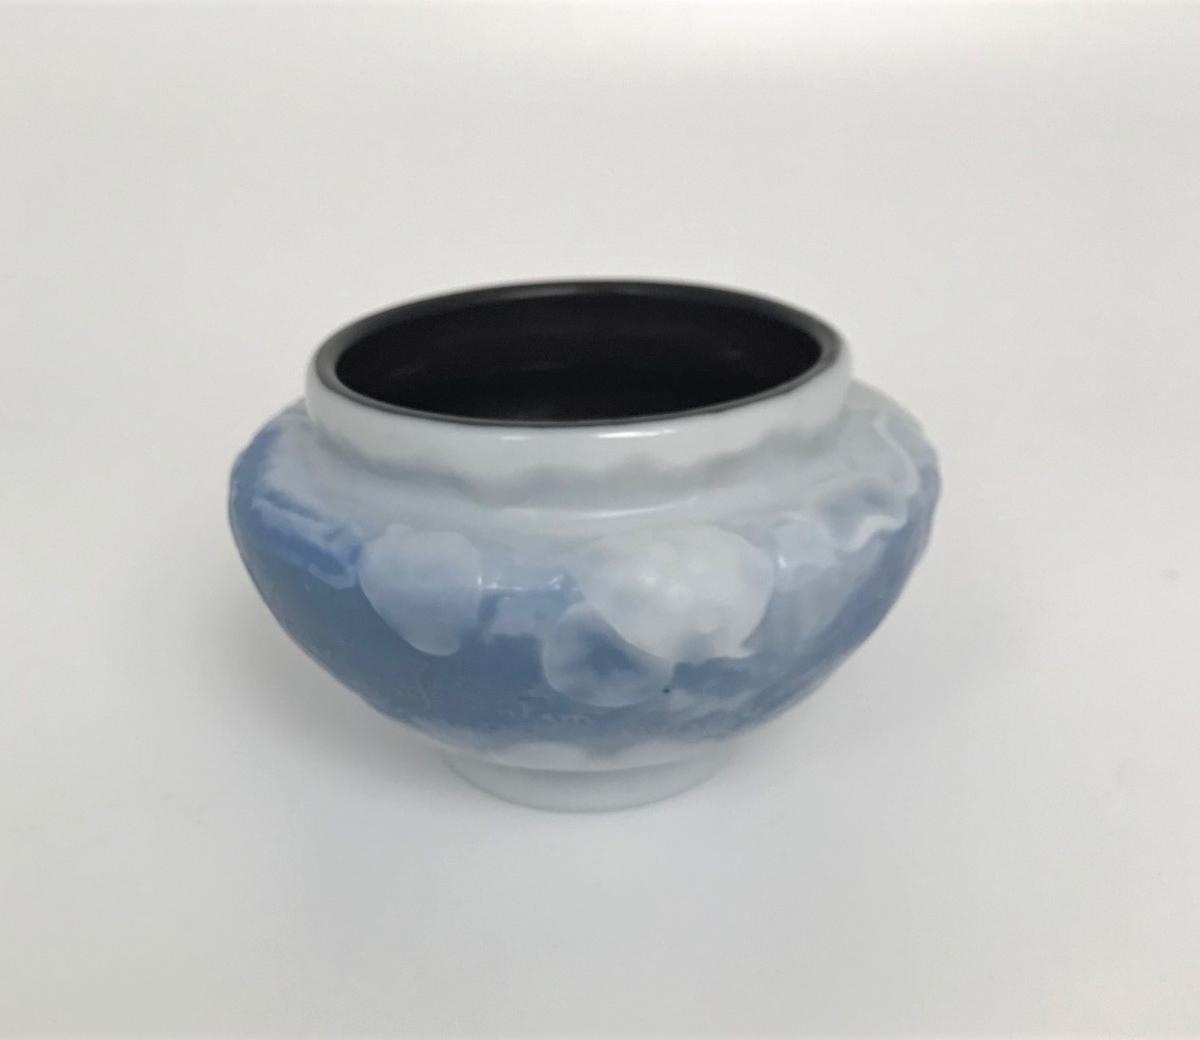 """Skål i overfangglass. Glassmassen består av tre lag, hvorav det innerste laget er dypt rødlig, det mellomste er himmelblått, og det ytterste er melkehvitt. Det ytre laget er delvis skåret bort slik at den blå massen tidvis skinner igjennom.  Det hvite laget danner buktende blader og grener i lavt relieff. På den blå bunnen er følgende innskrifter utskåret: """"vobis facile non deficientem în coelis thesavivm"""" (lat. det er lett for dere ikke å mangle skatter i himmelen)  og """"Gallé 1900""""."""